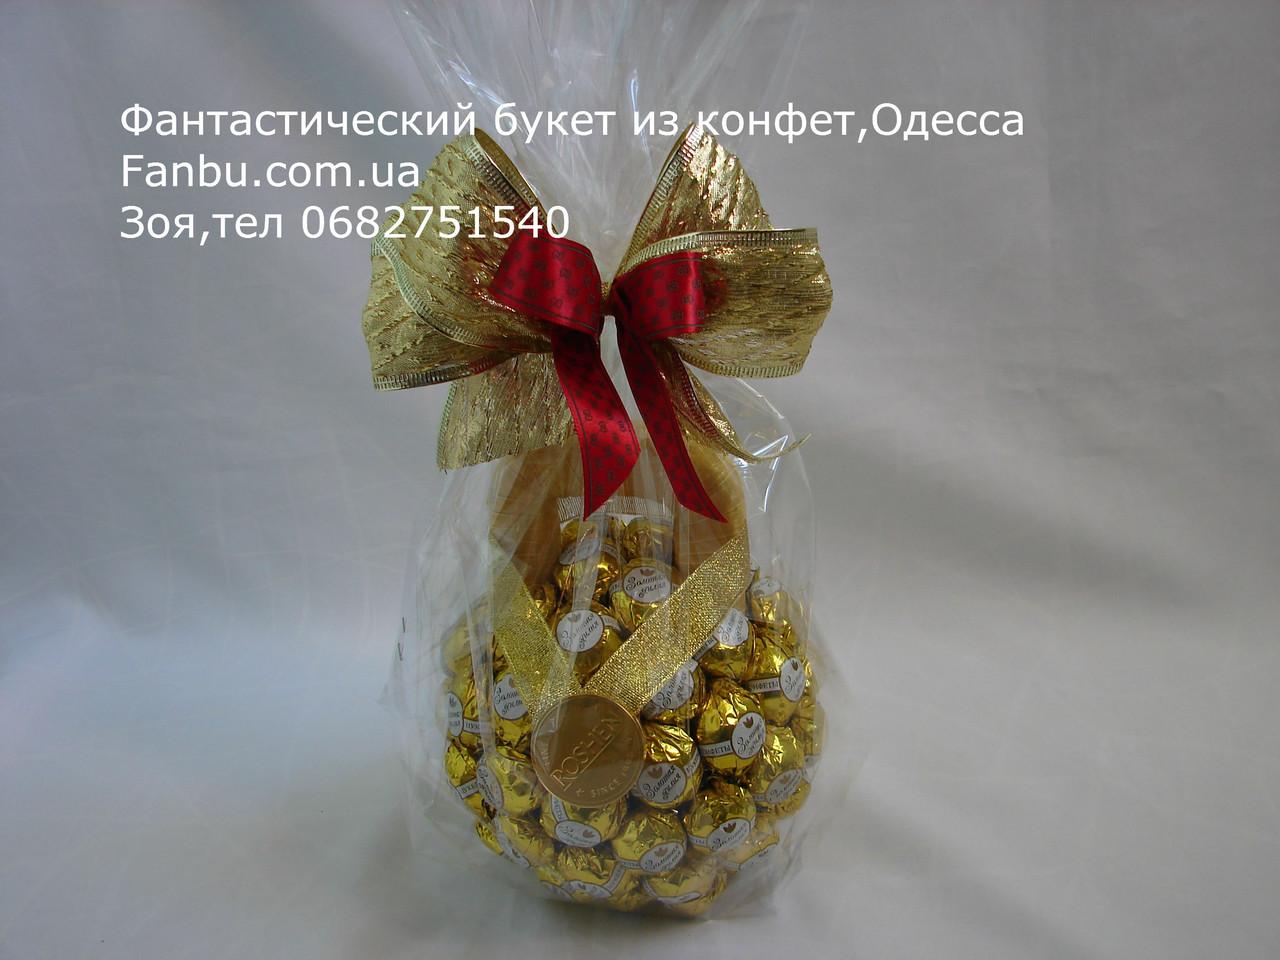 Гиря из конфет, фото 1